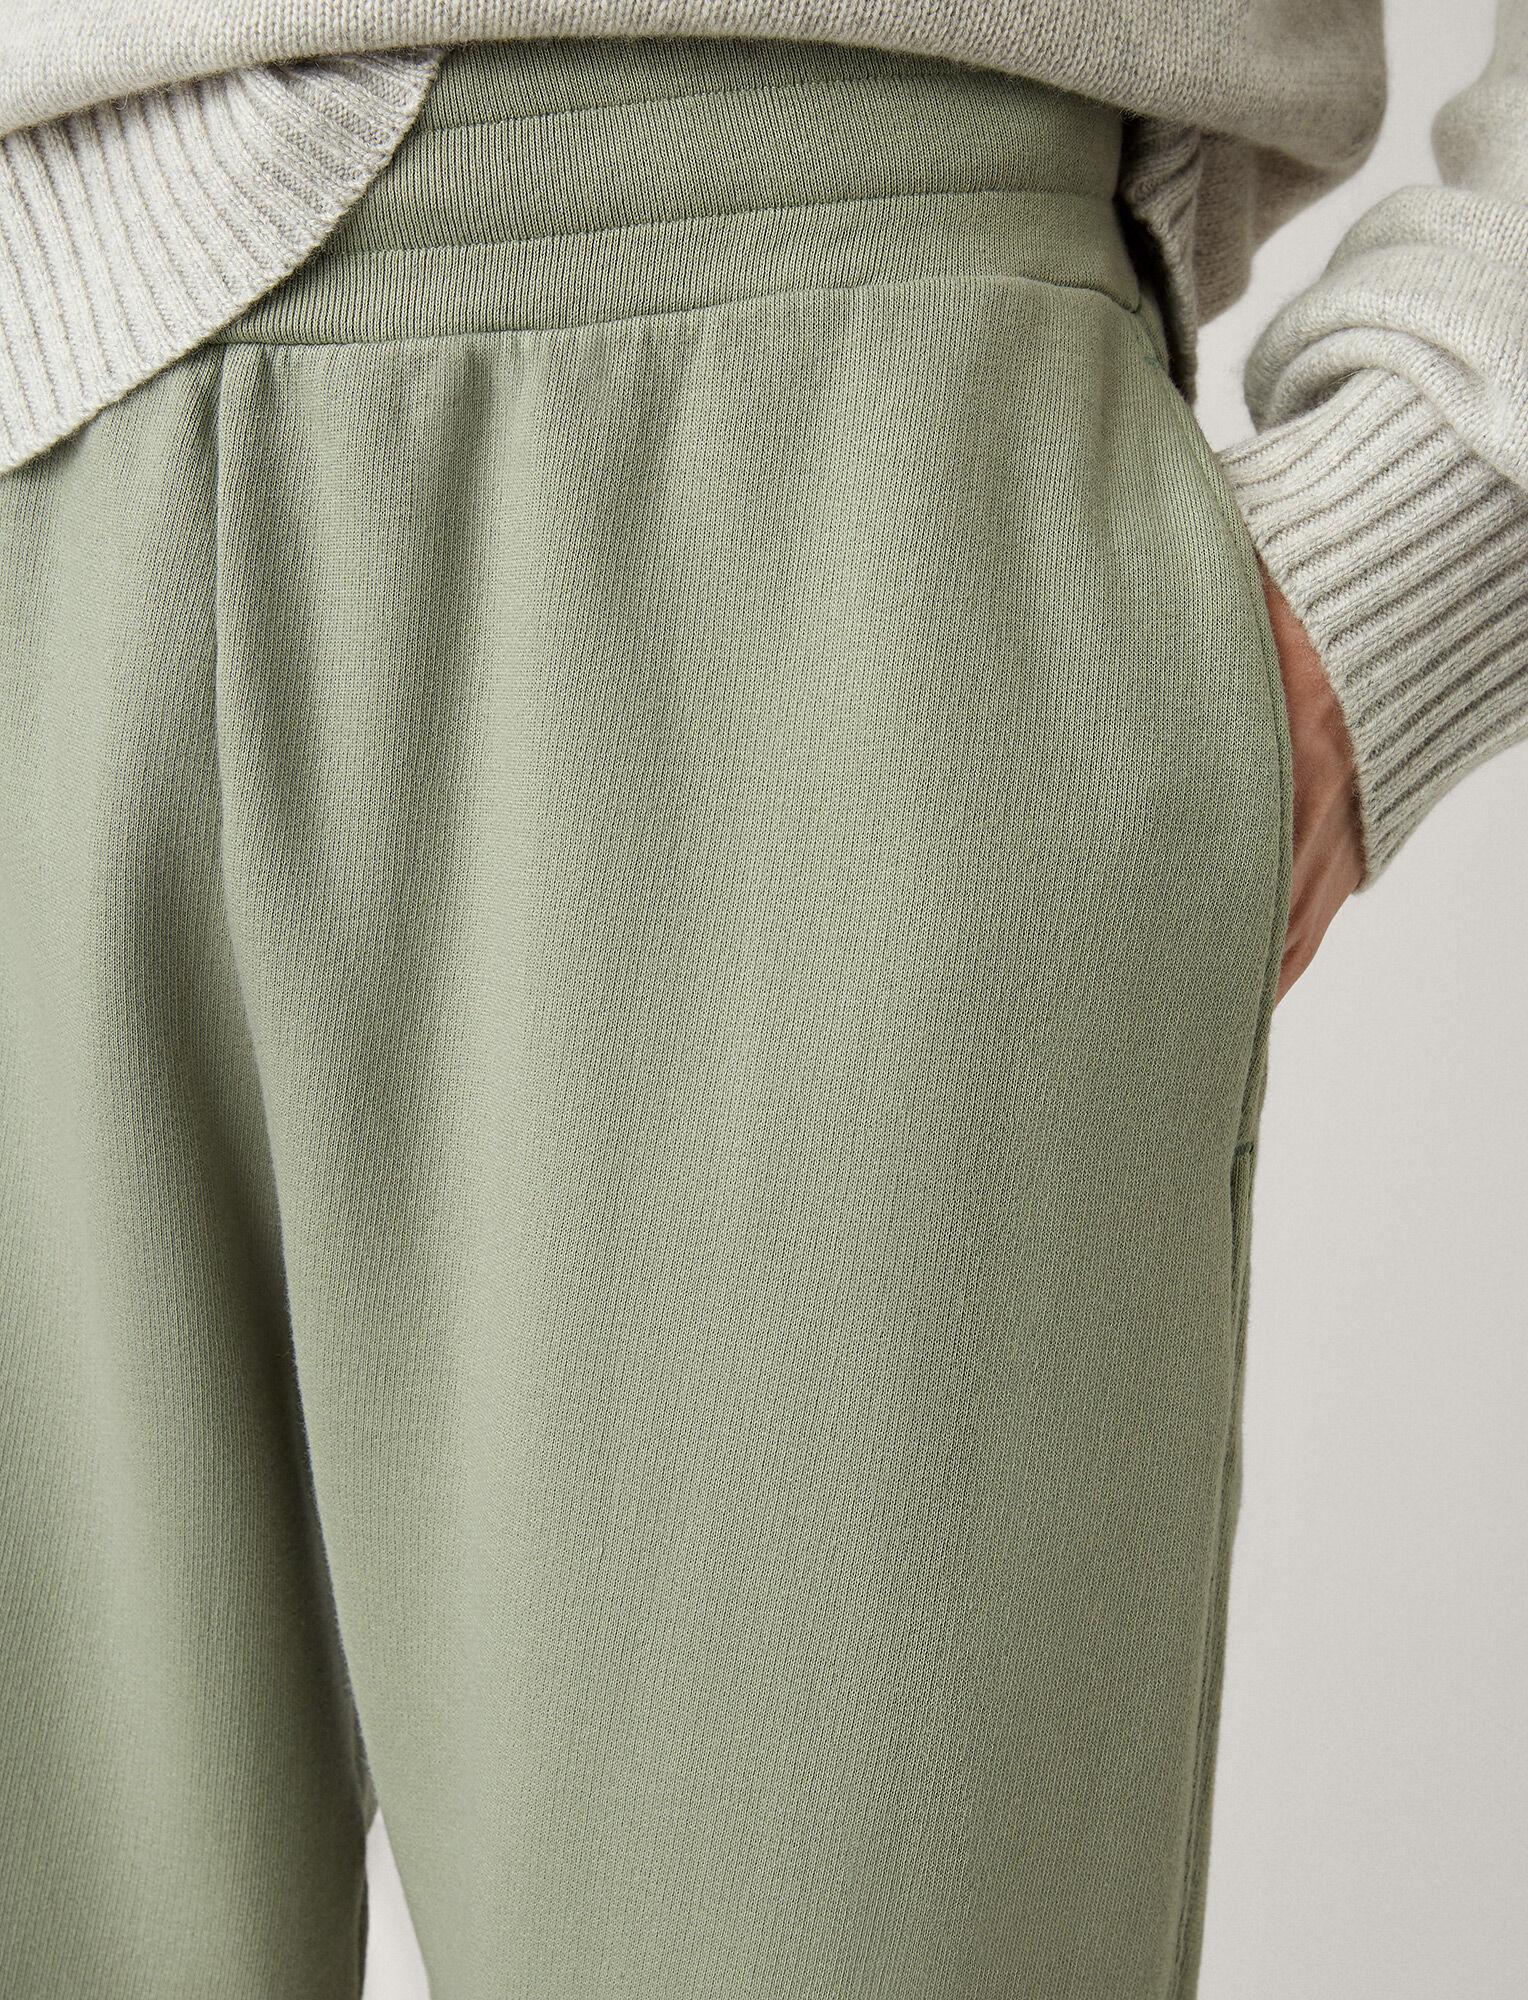 Joseph, Jogger Garment Dye Molleton Trousers, in KHAKI